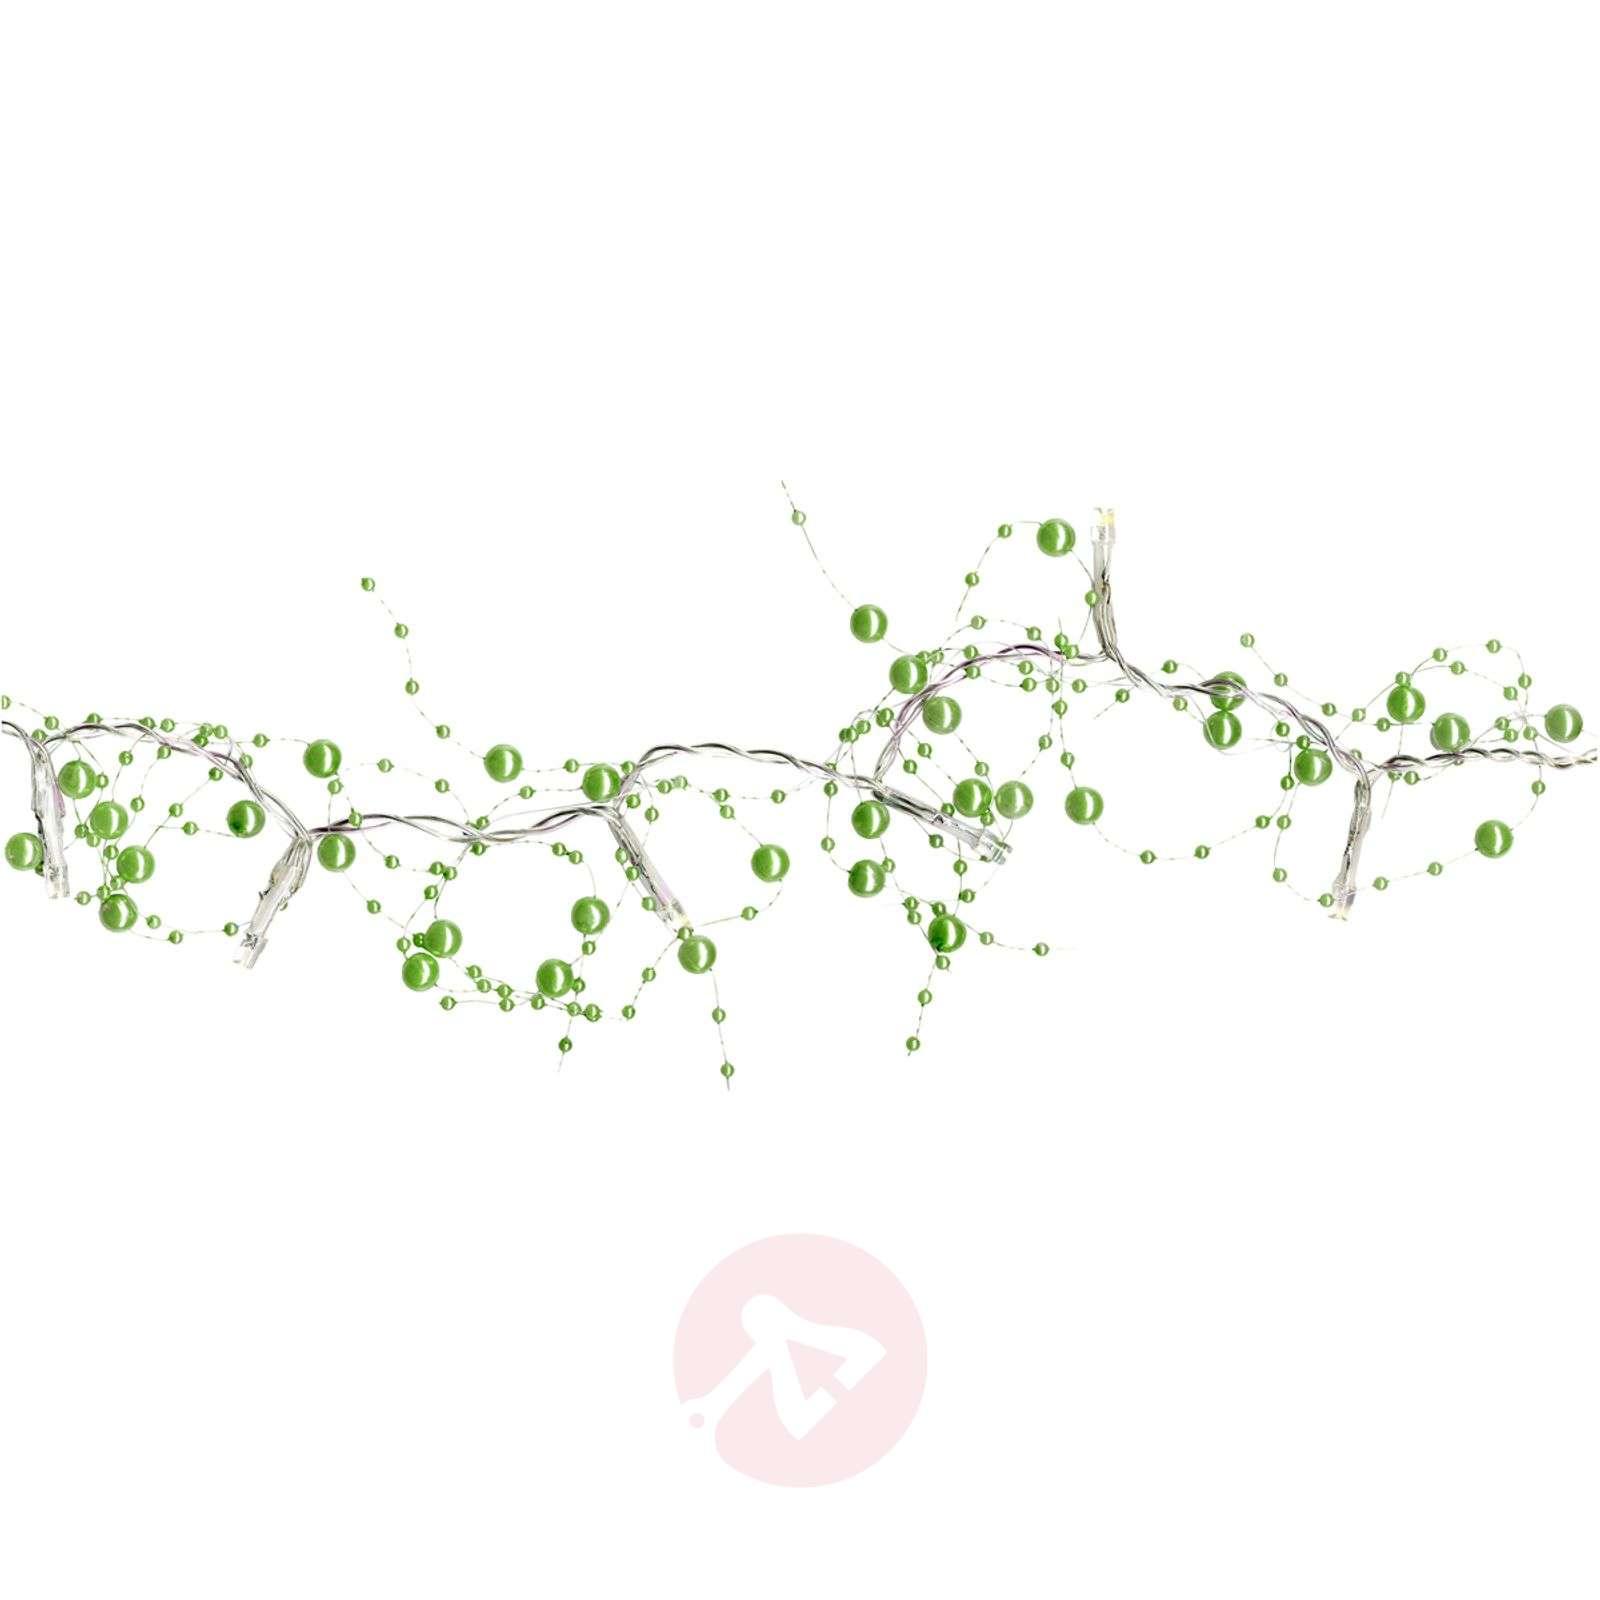 Vihreä LED-valosarja Pärla Garland-1522665-01